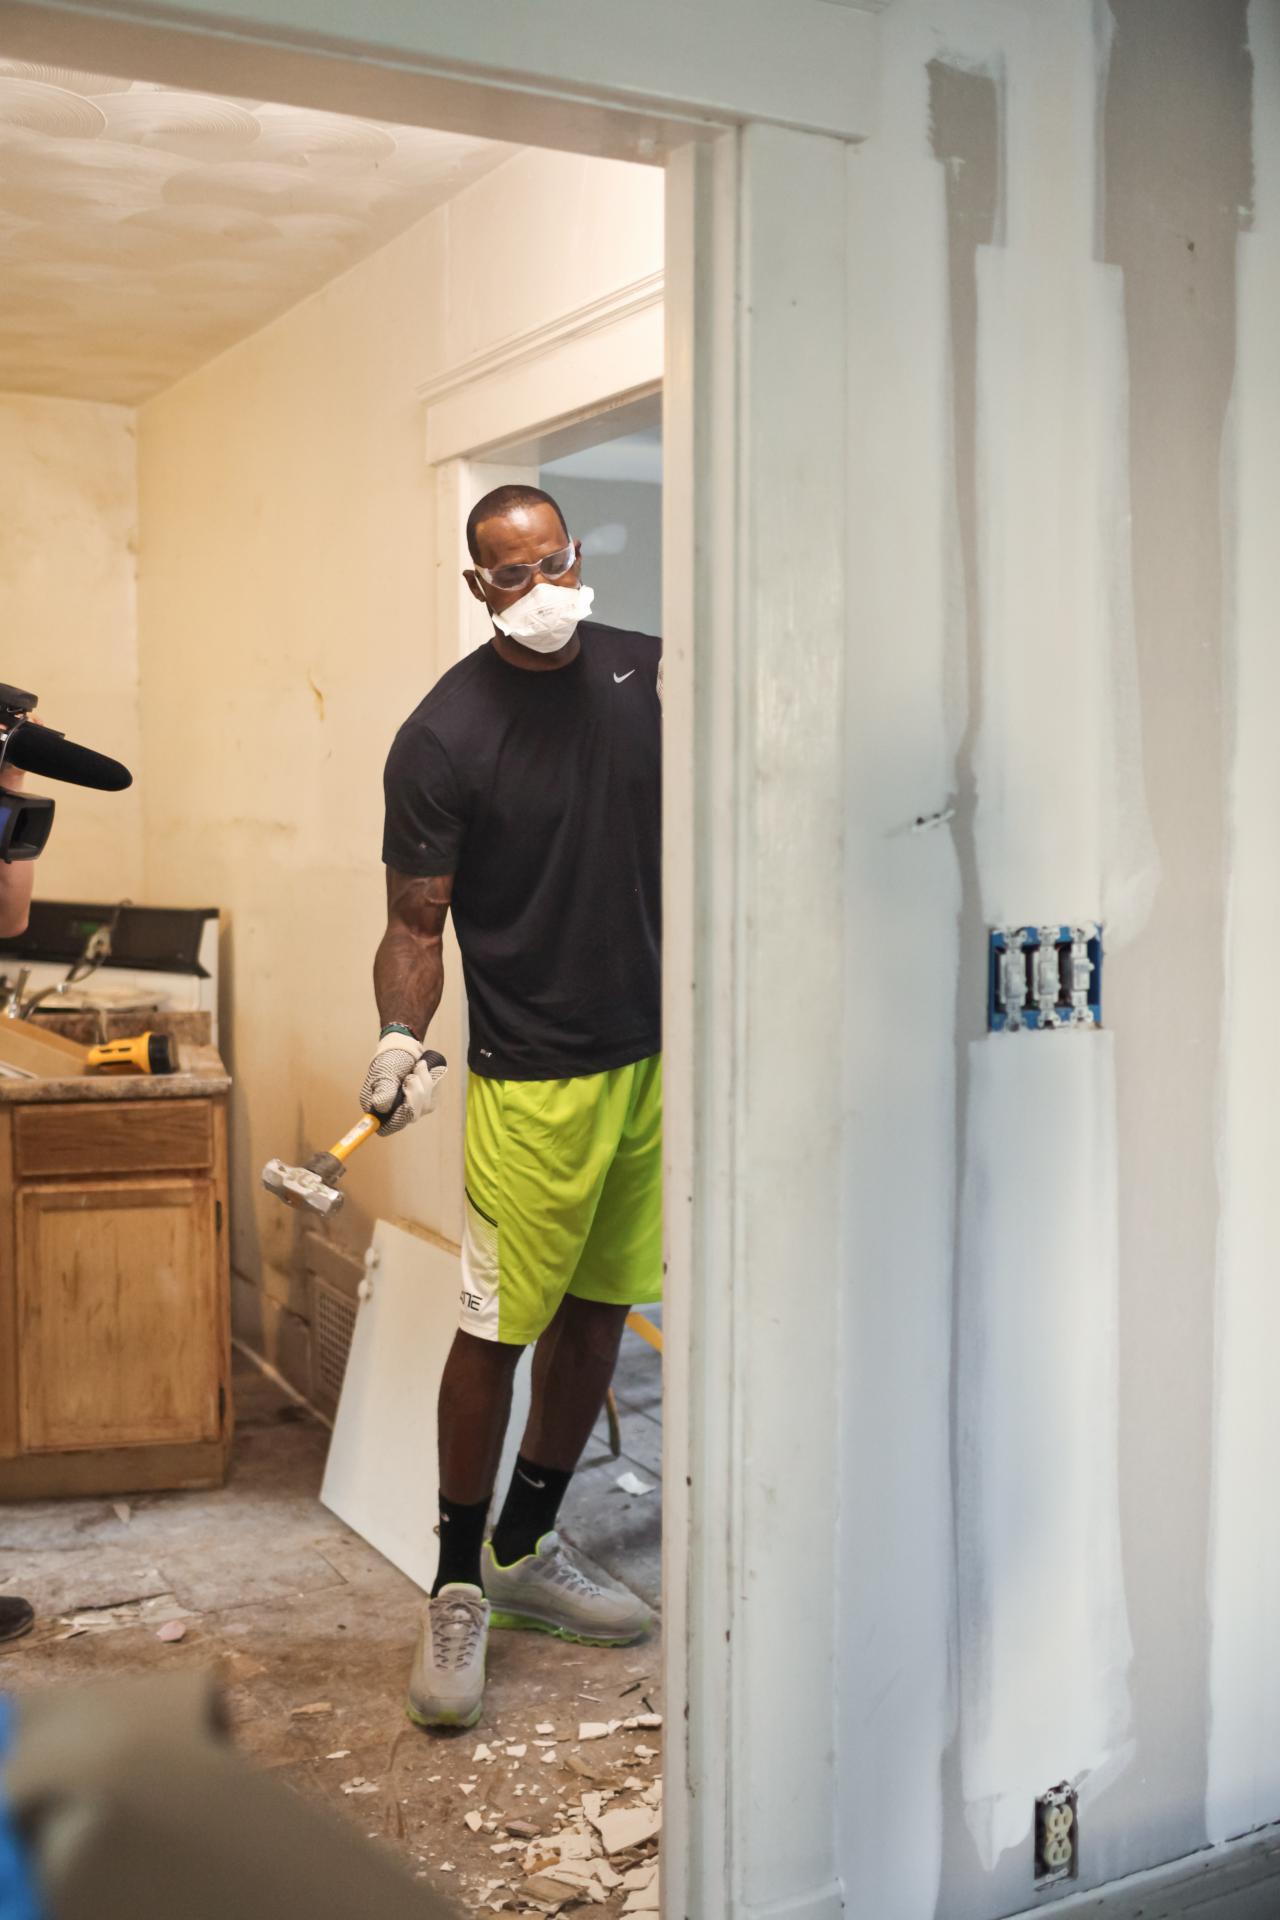 watch lebron work a hammer alongside nicole curtis u201crehab addictu201d host on dec 4 11 18 and three jan episodes